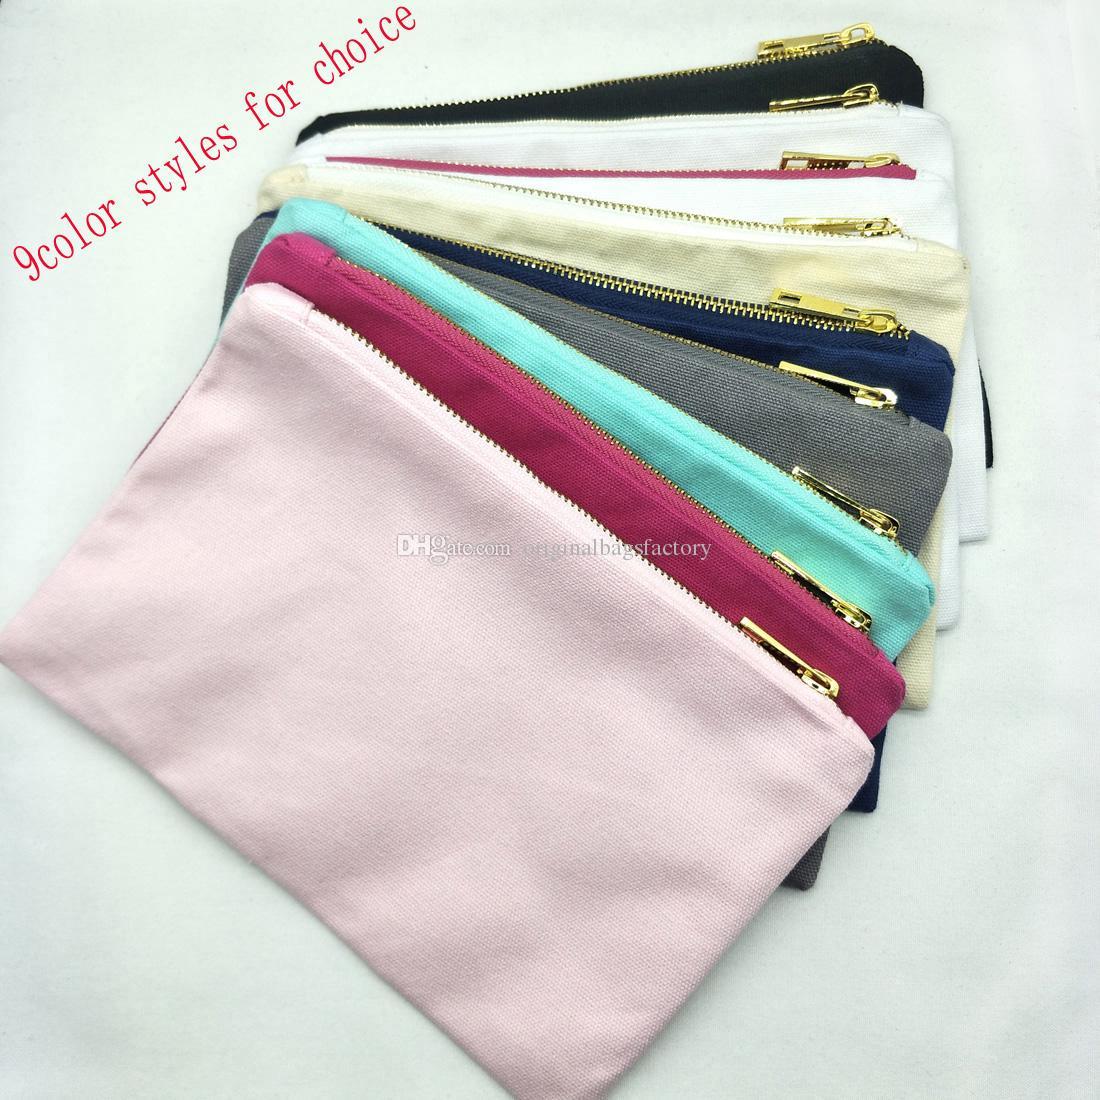 블랙 / 화이트 / 크림 / 그레이 / 네이비 / 민트 / 핫 핑크 / 라이트 핑크 화장품 가방과 함께 9 색 스타일의 빈 면화 캔버스 메이크업 가방, 골드 지퍼 골드 라이닝